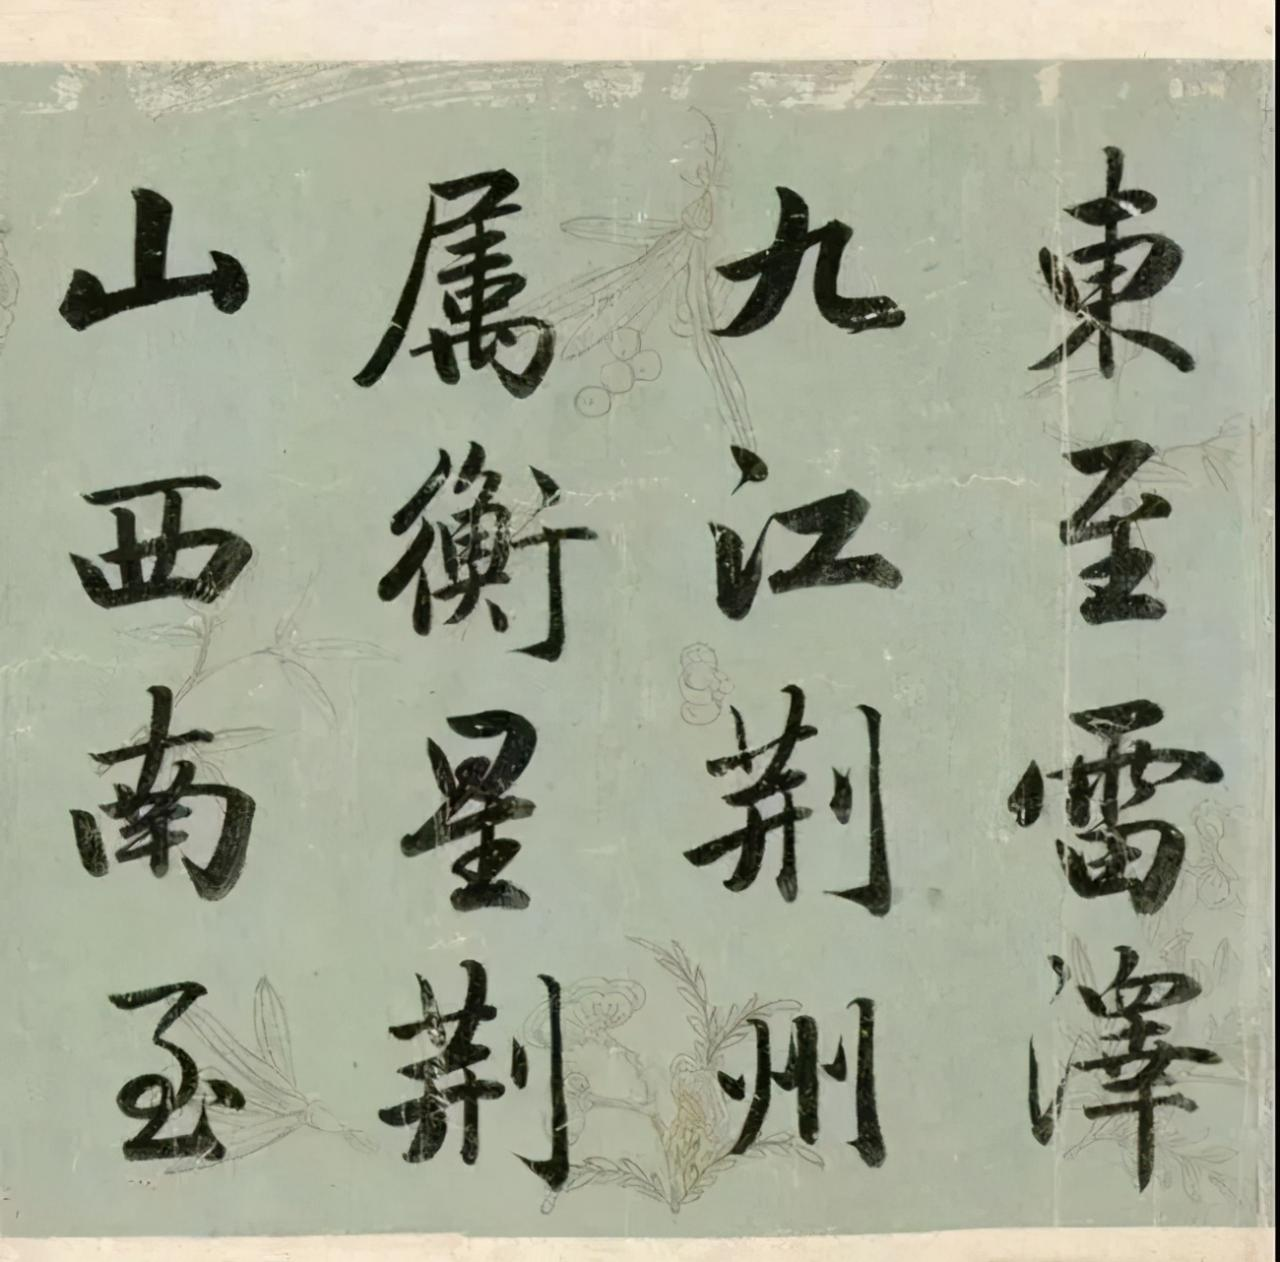 成亲王《周礼春官疏卷》行楷书欣赏